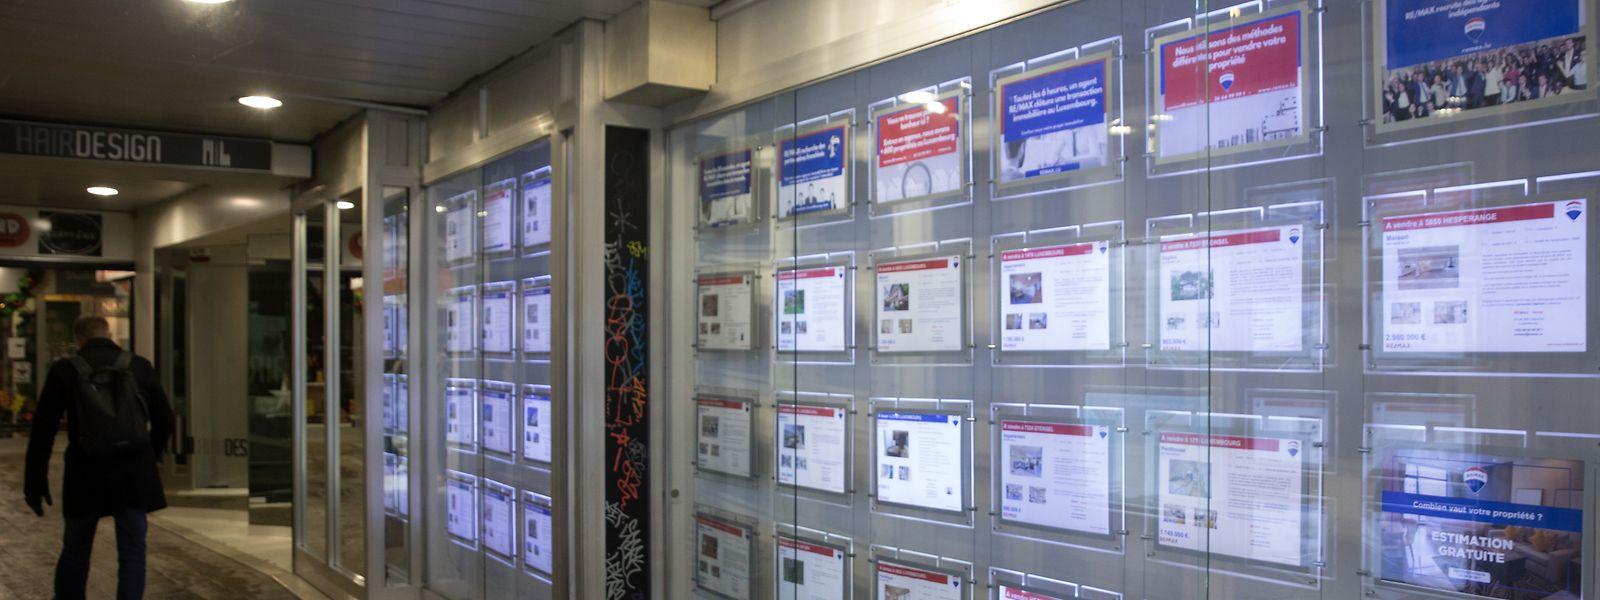 Träume hinter Glas: Maklerfirmen machen auf ihre Verkaufsobjekte aufmerksam.